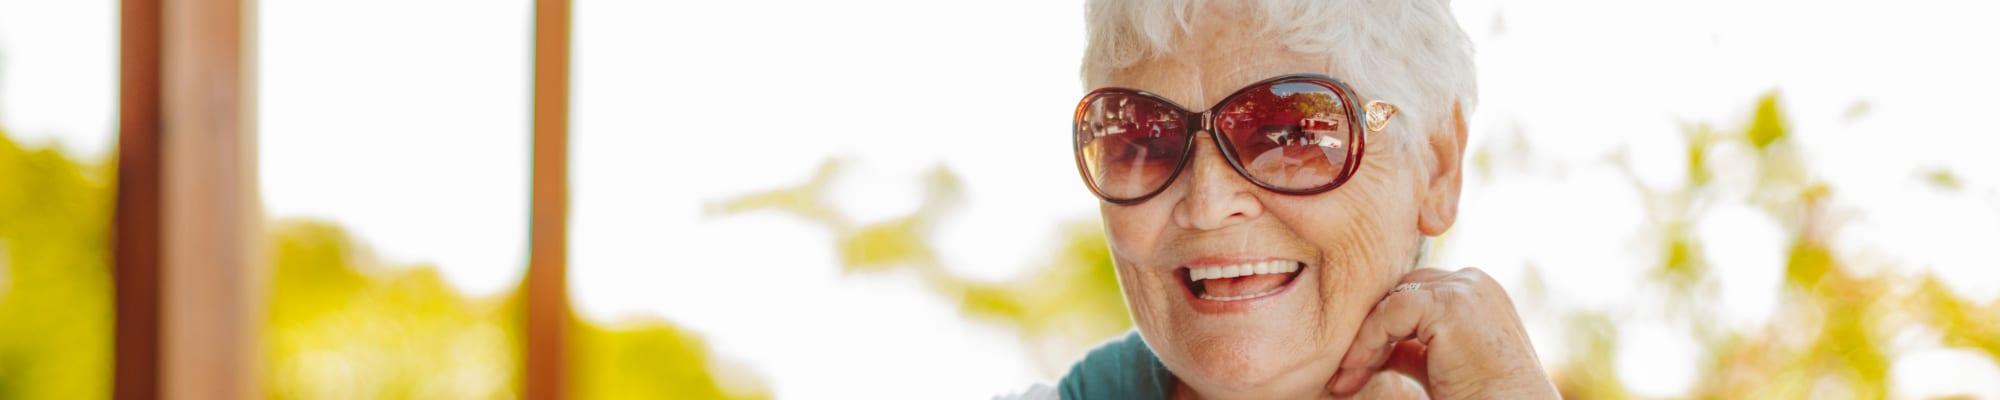 Reviews of Miami Township, Ohio senior living